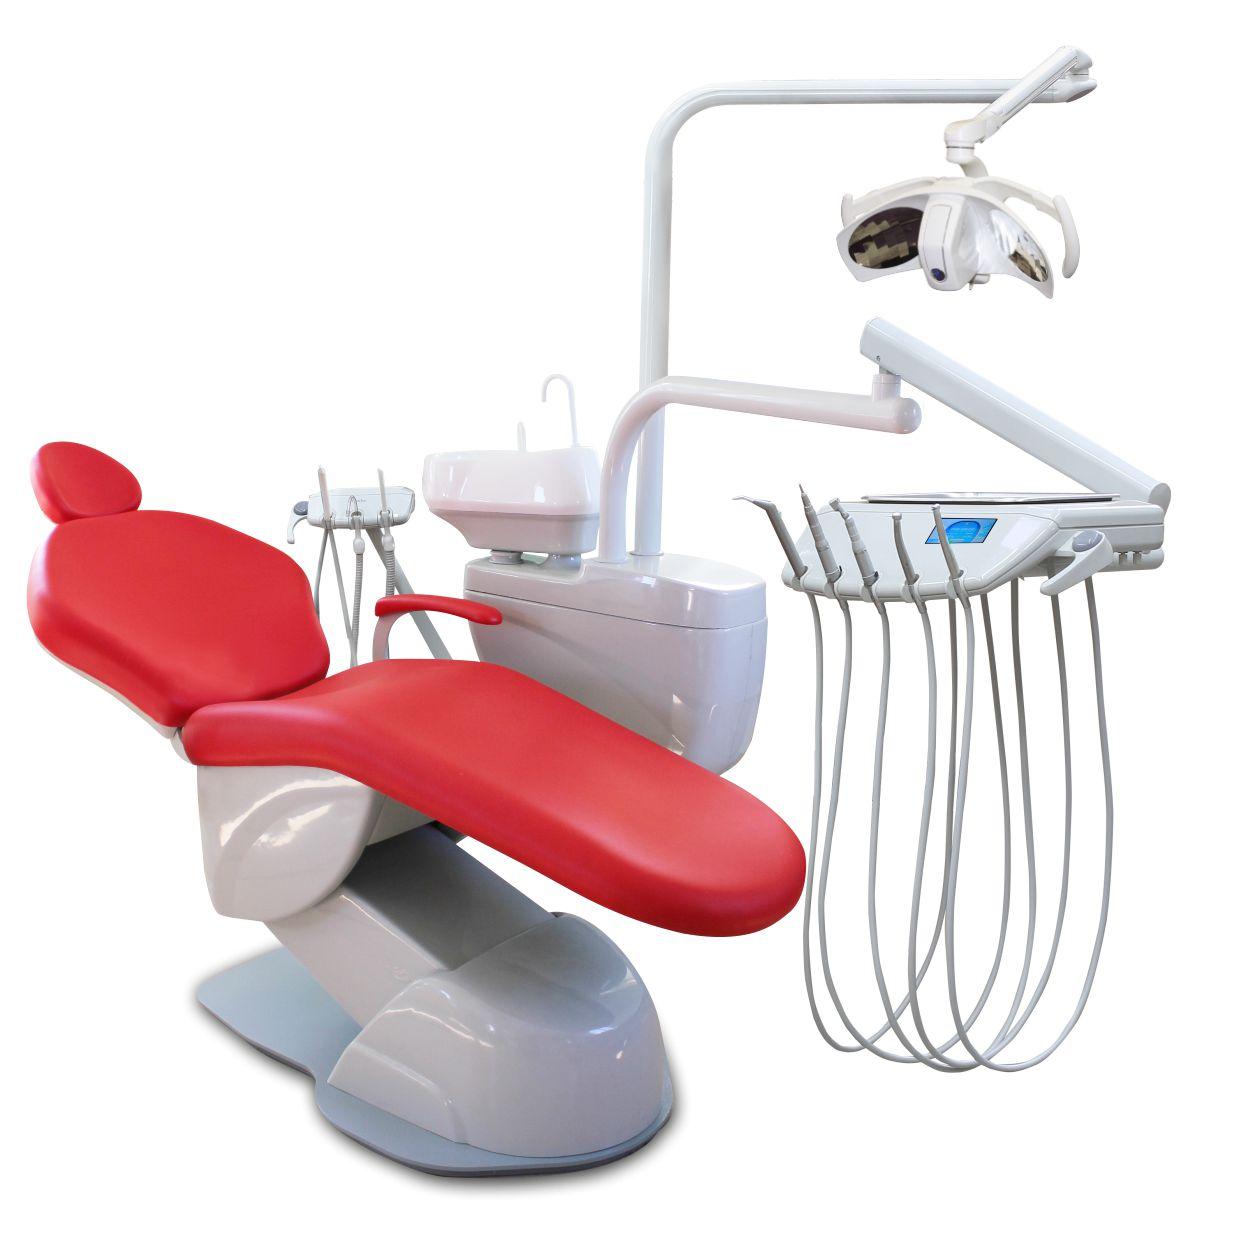 стоматологическая поликлиника 2 краснодар официальный сайт цены